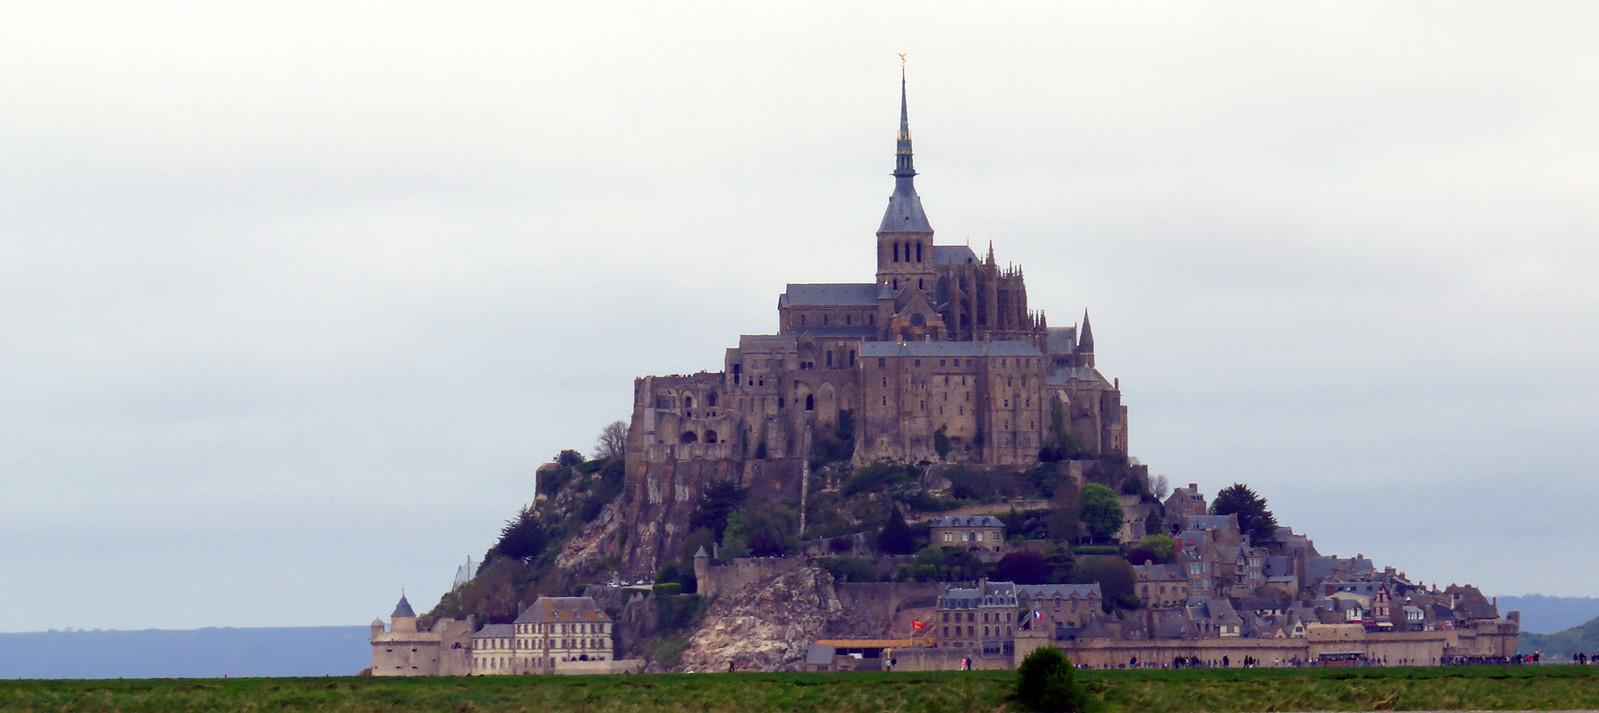 Mont Saint-Michel, France / Monte Saint-Michel, Francia mont saint-michel - 37460203600 0a544c92eb h - Visitar el Mont Saint-Michel